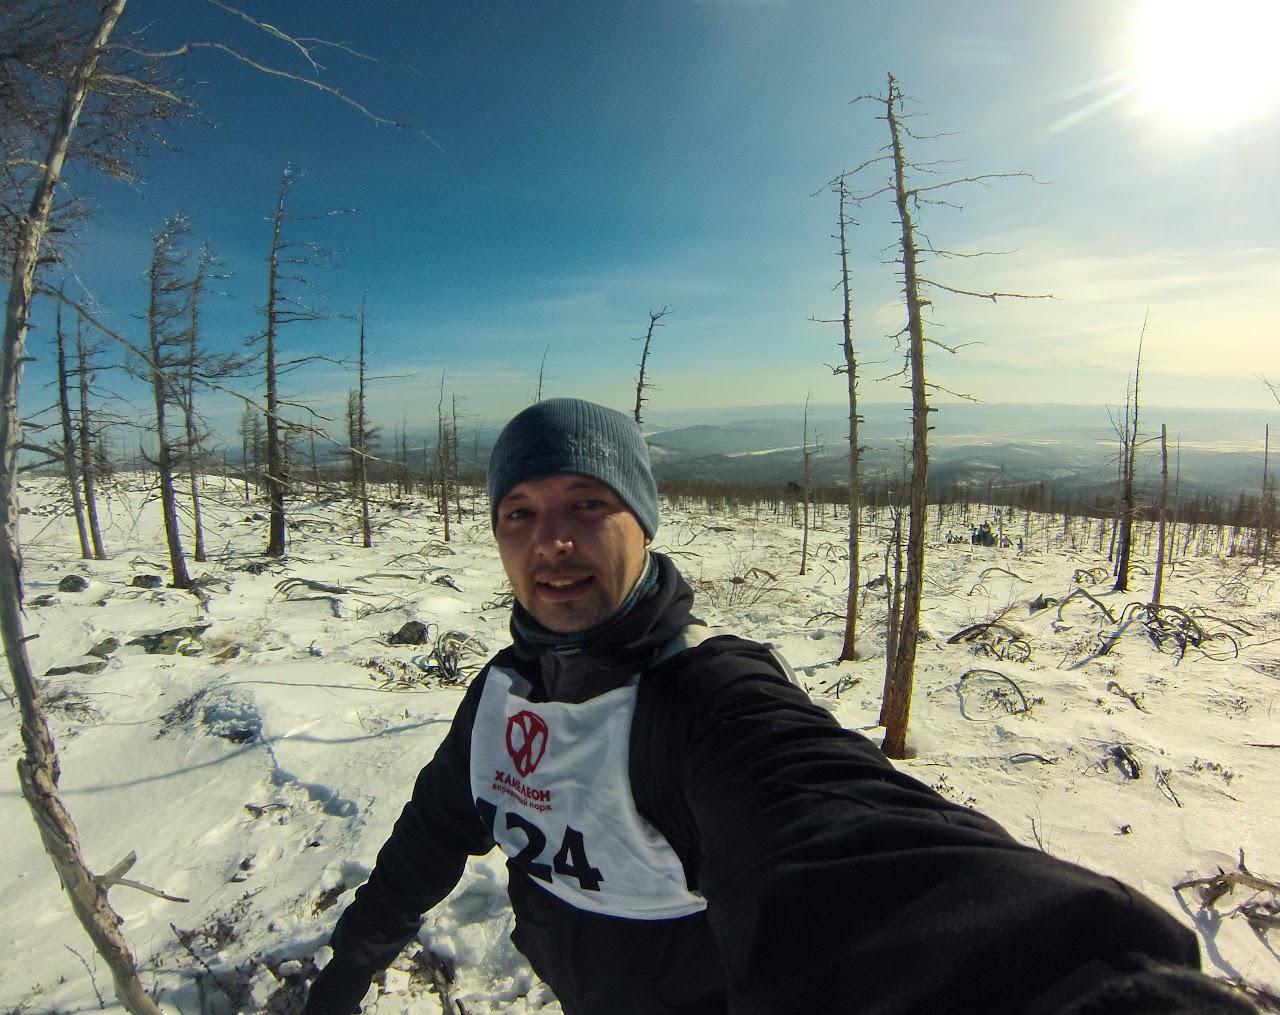 Я на половине пути к вершине - Скоростное восхождение на голец Саранакан 2017